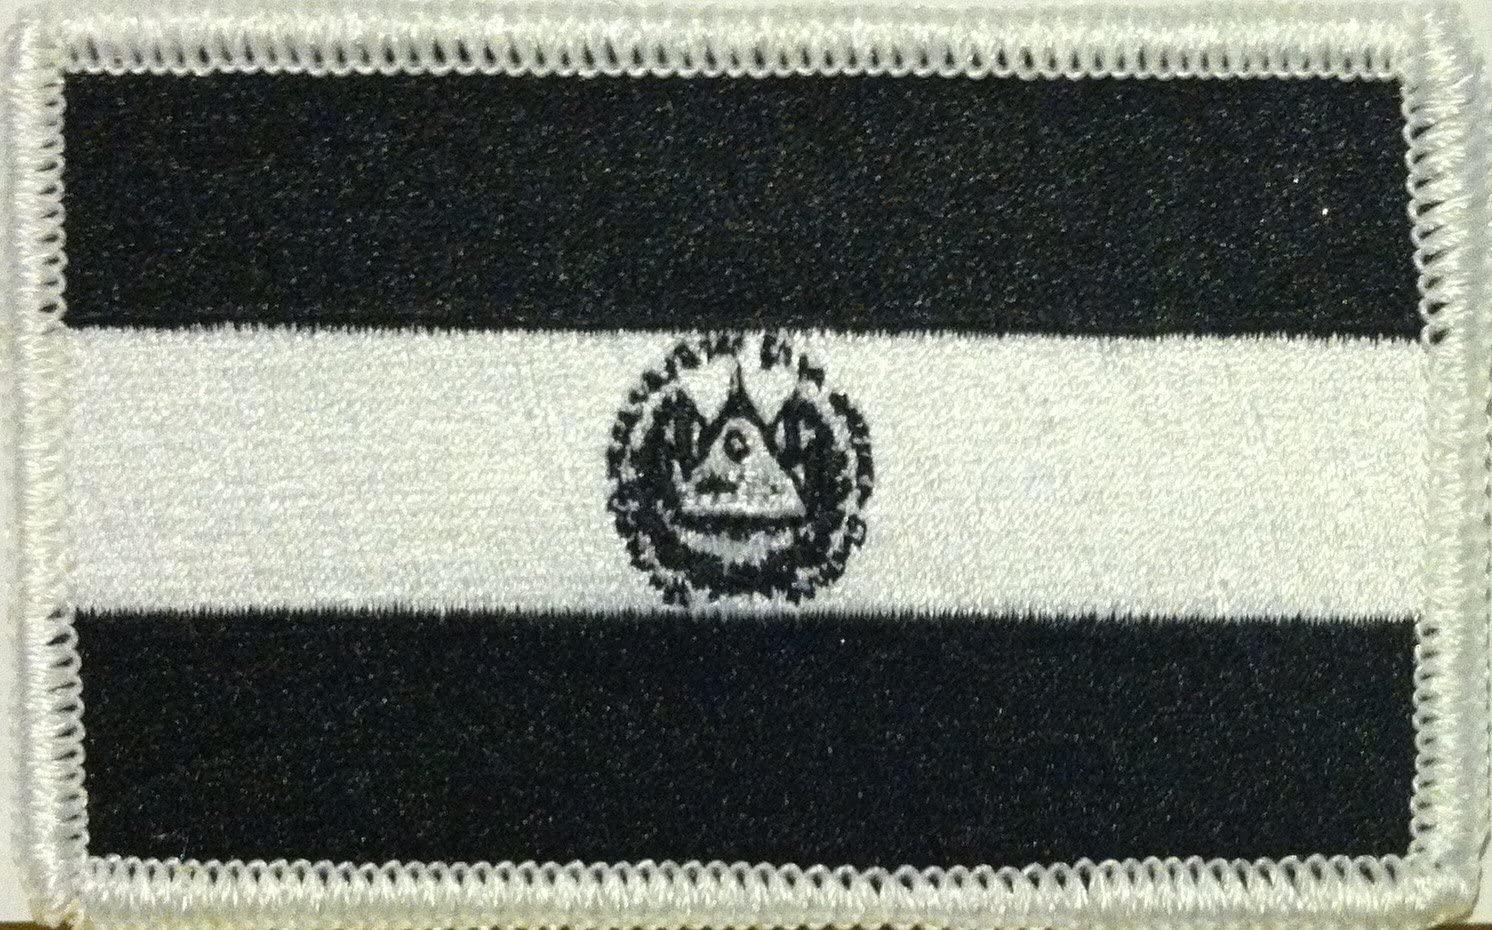 EL SALVADOR Flag Embroidered Iron-on Patch Black & White Version Military Shoulder Emblem #013